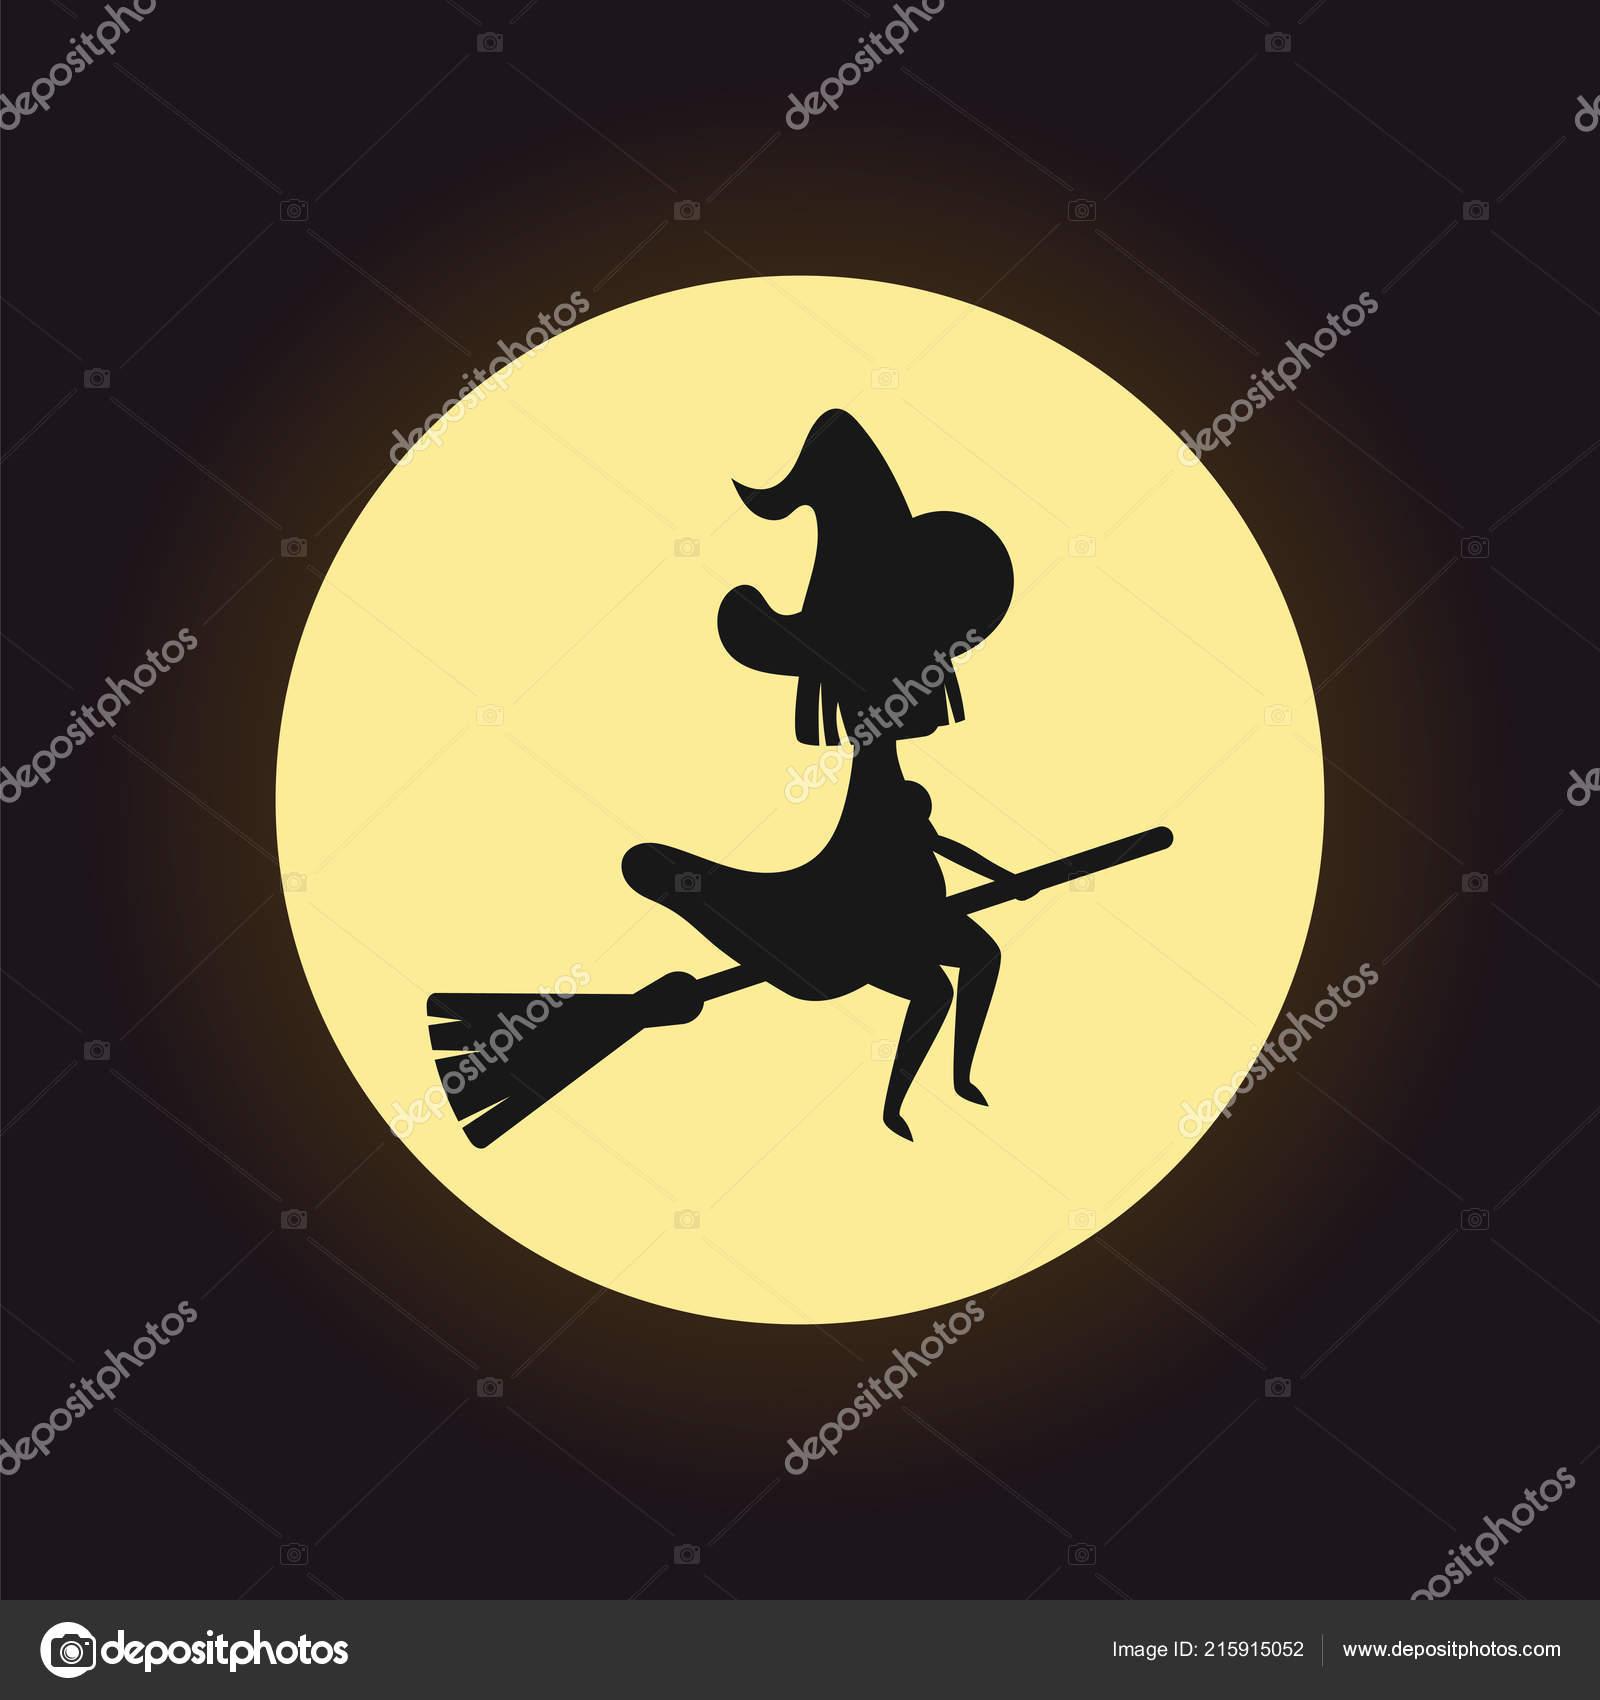 Hexe Silhouette Fliegen Auf Besen über Nacht Mond Hintergrund